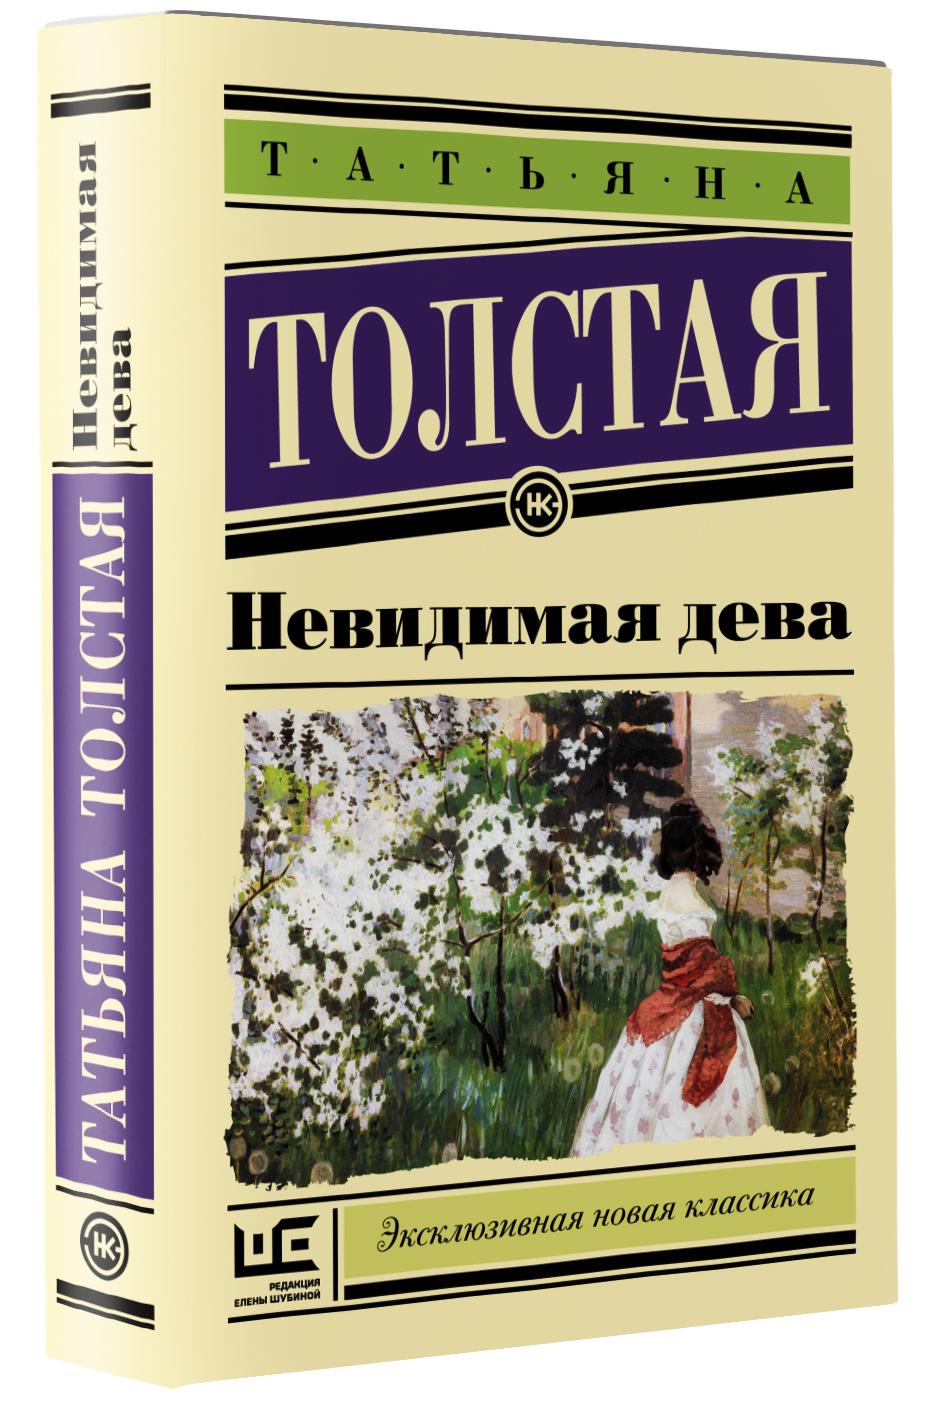 Татьяна Толстая Невидимая дева